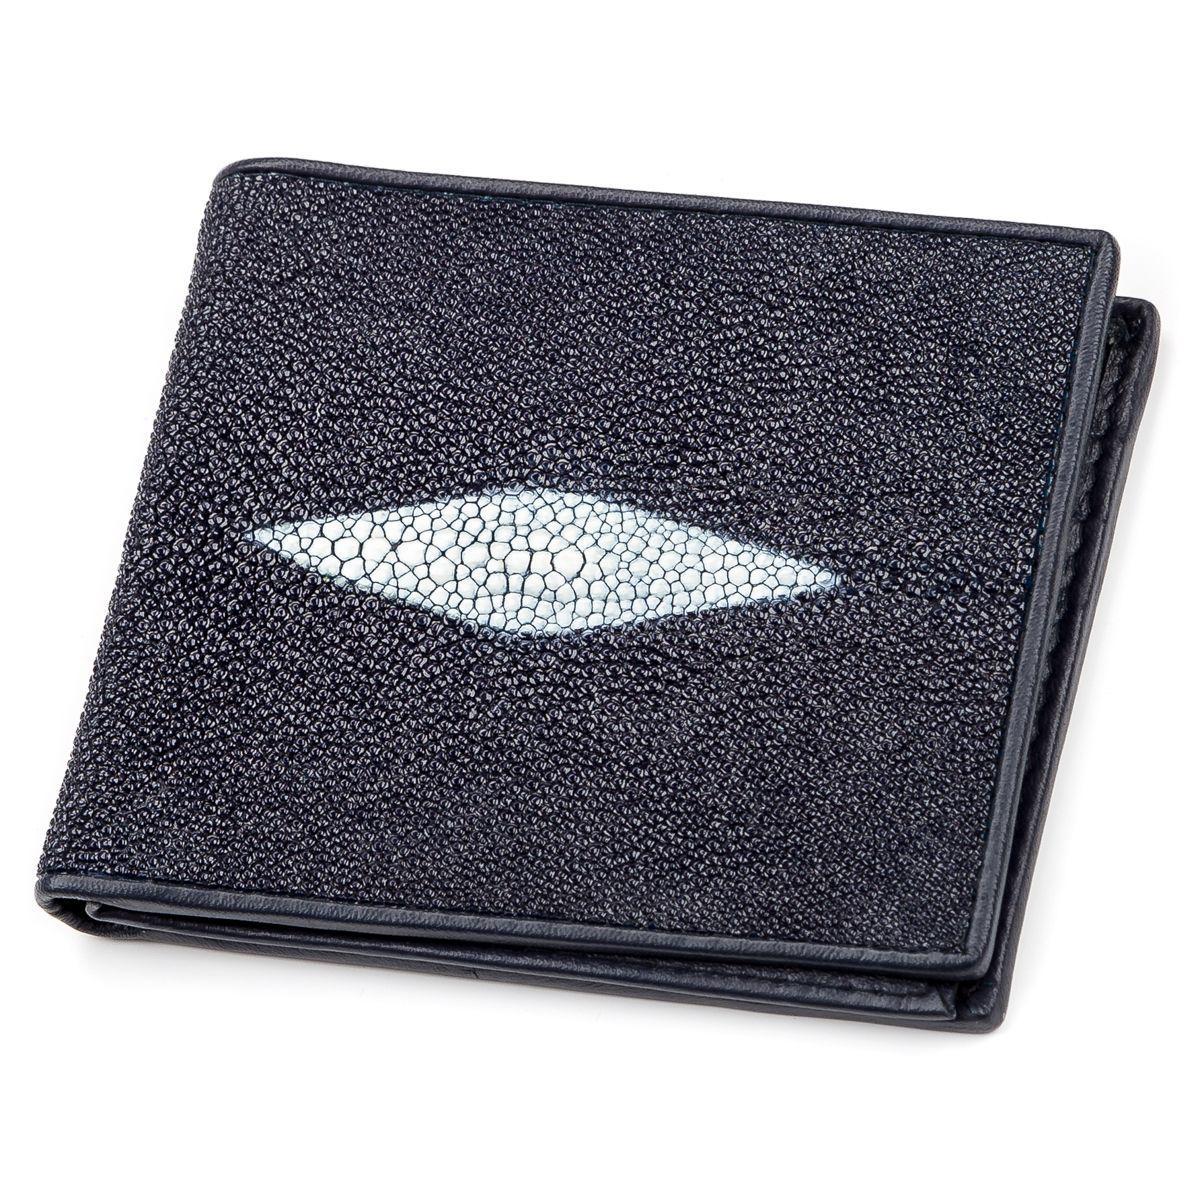 Портмоне Мужское Stingray Leather 18064 Из Натуральной Кожи Морского Ската Синее, Синий